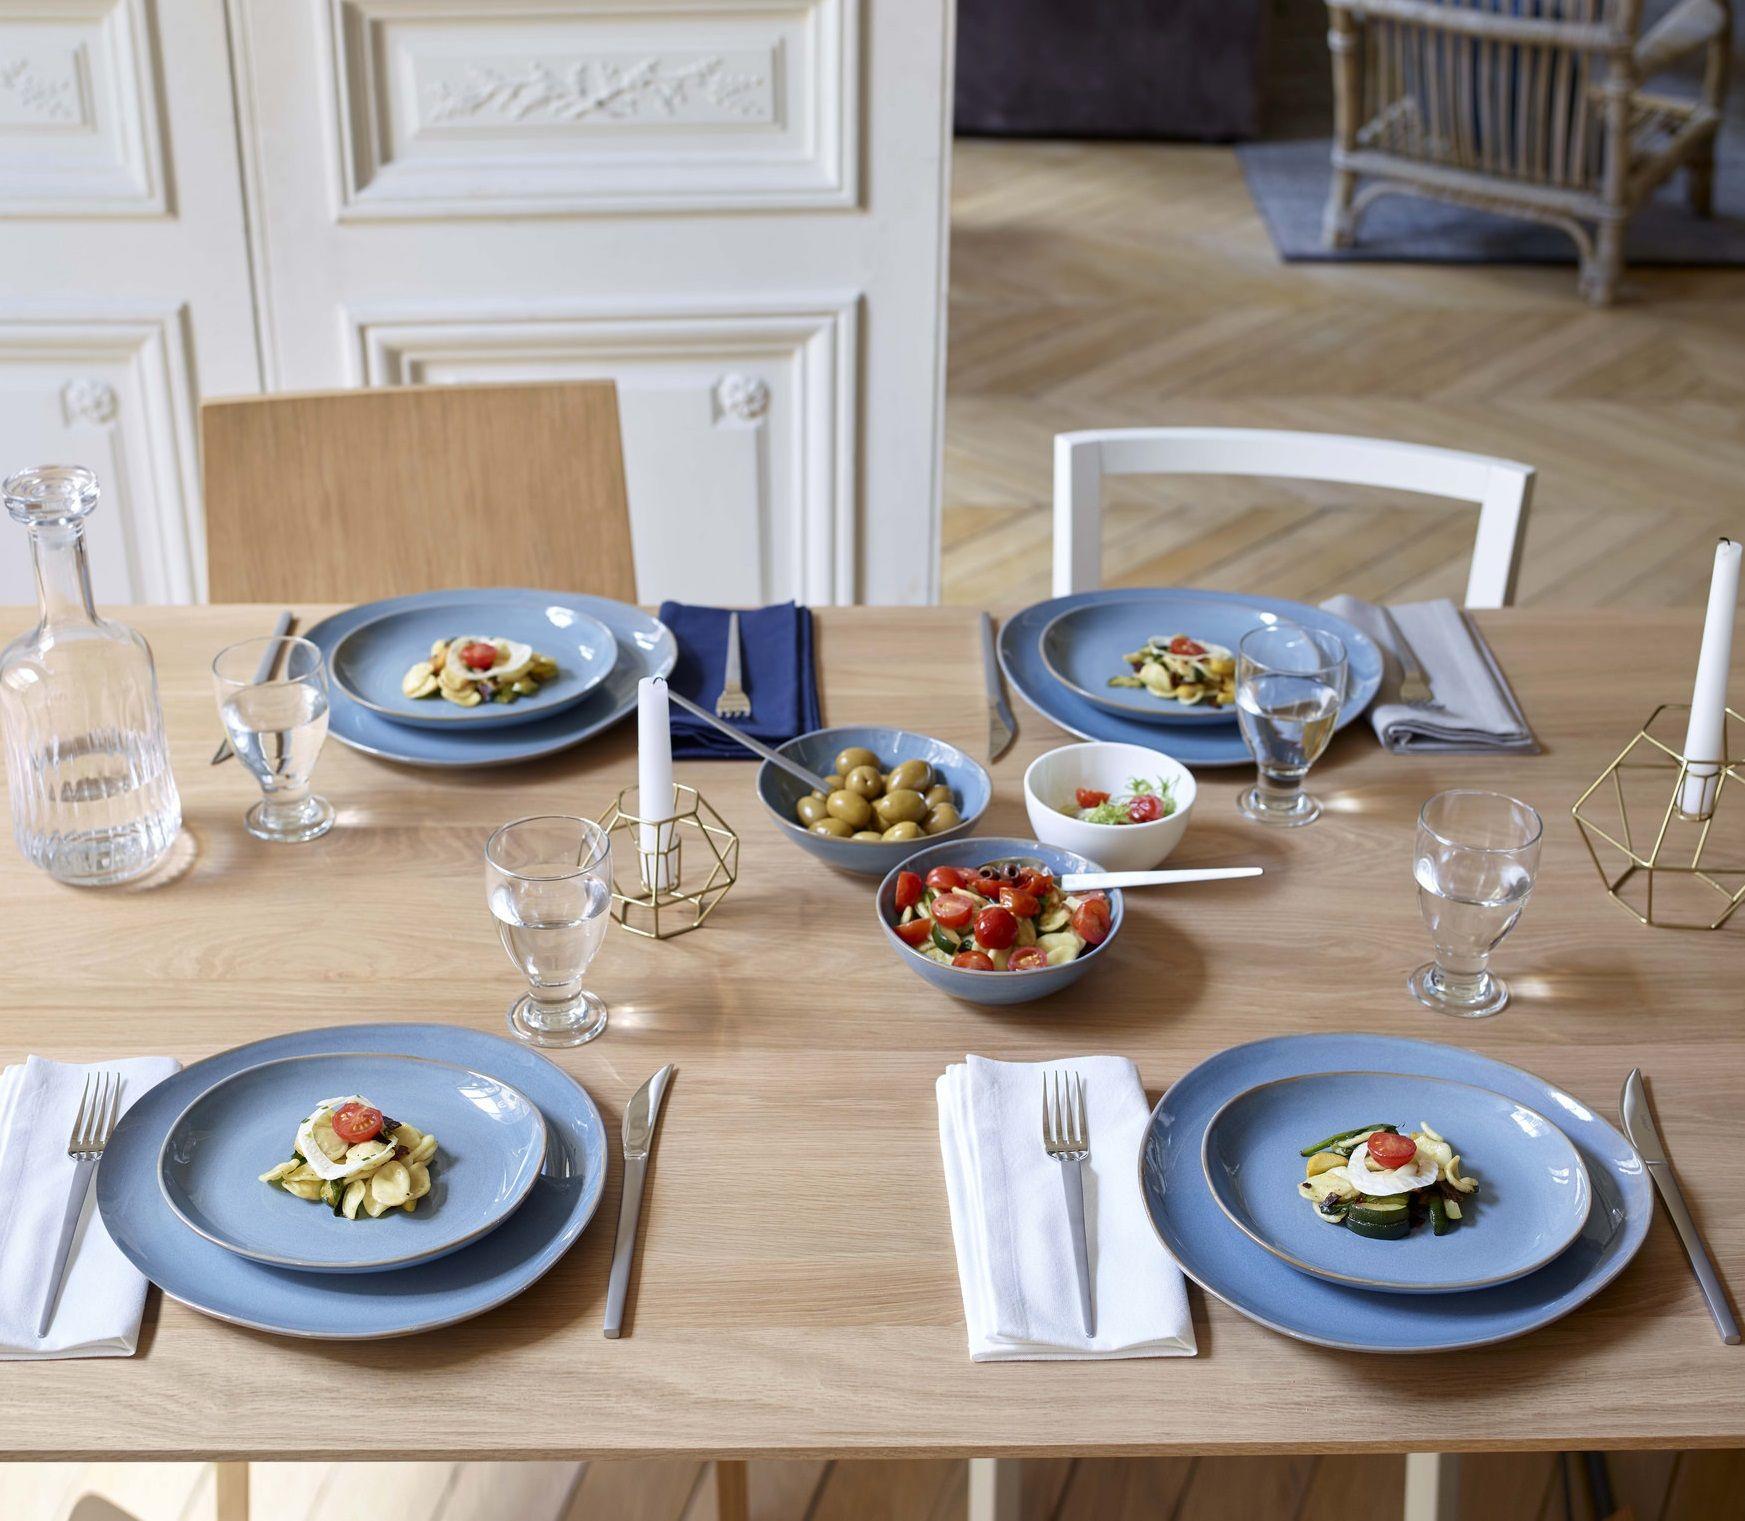 table de cuisine habitat habitat design du petit d jeuner au d ner en famille ou